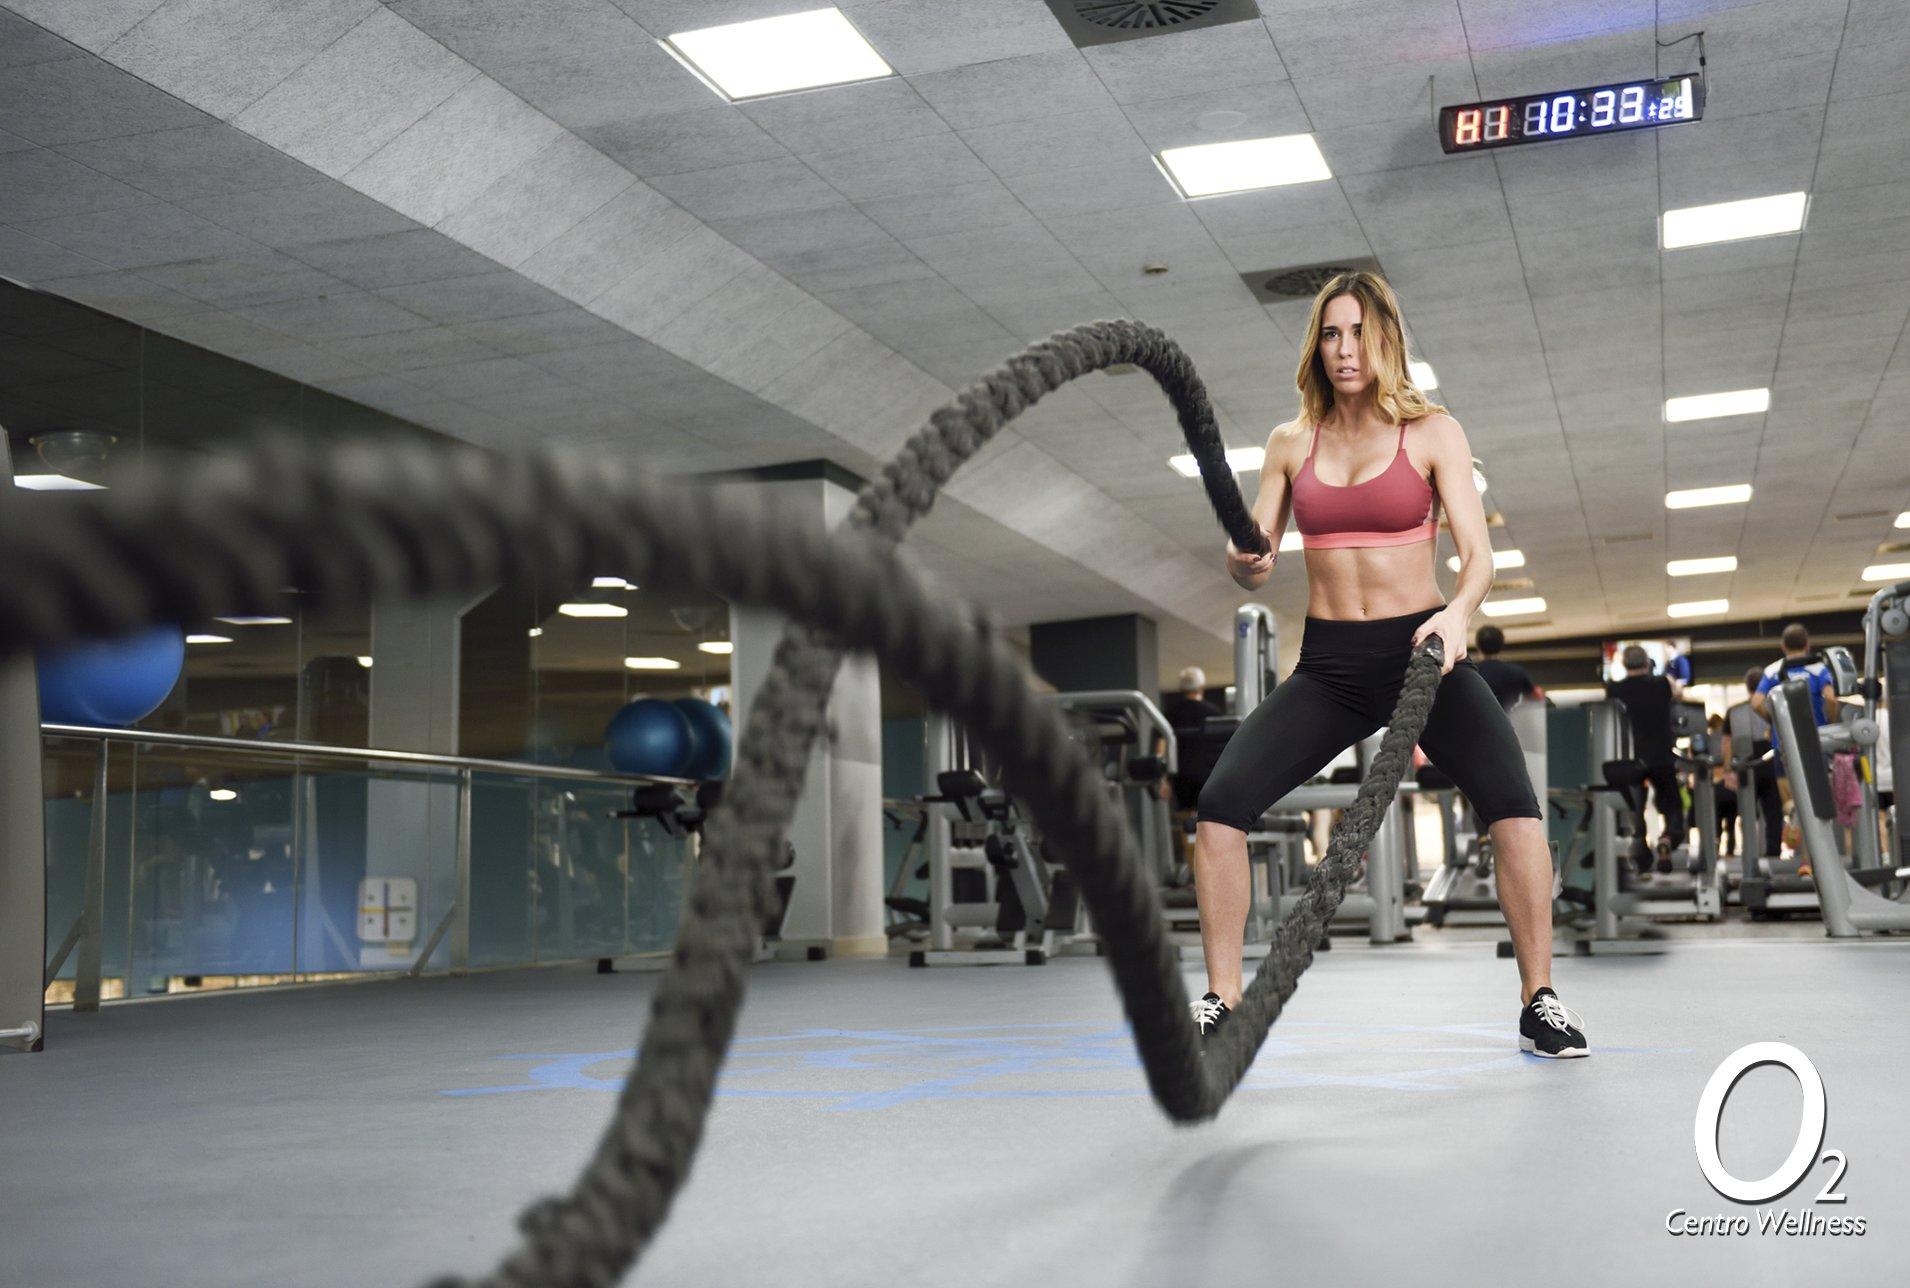 Te damos algunos tips si eres principiante en fitness o2 for O2 piscina sevilla